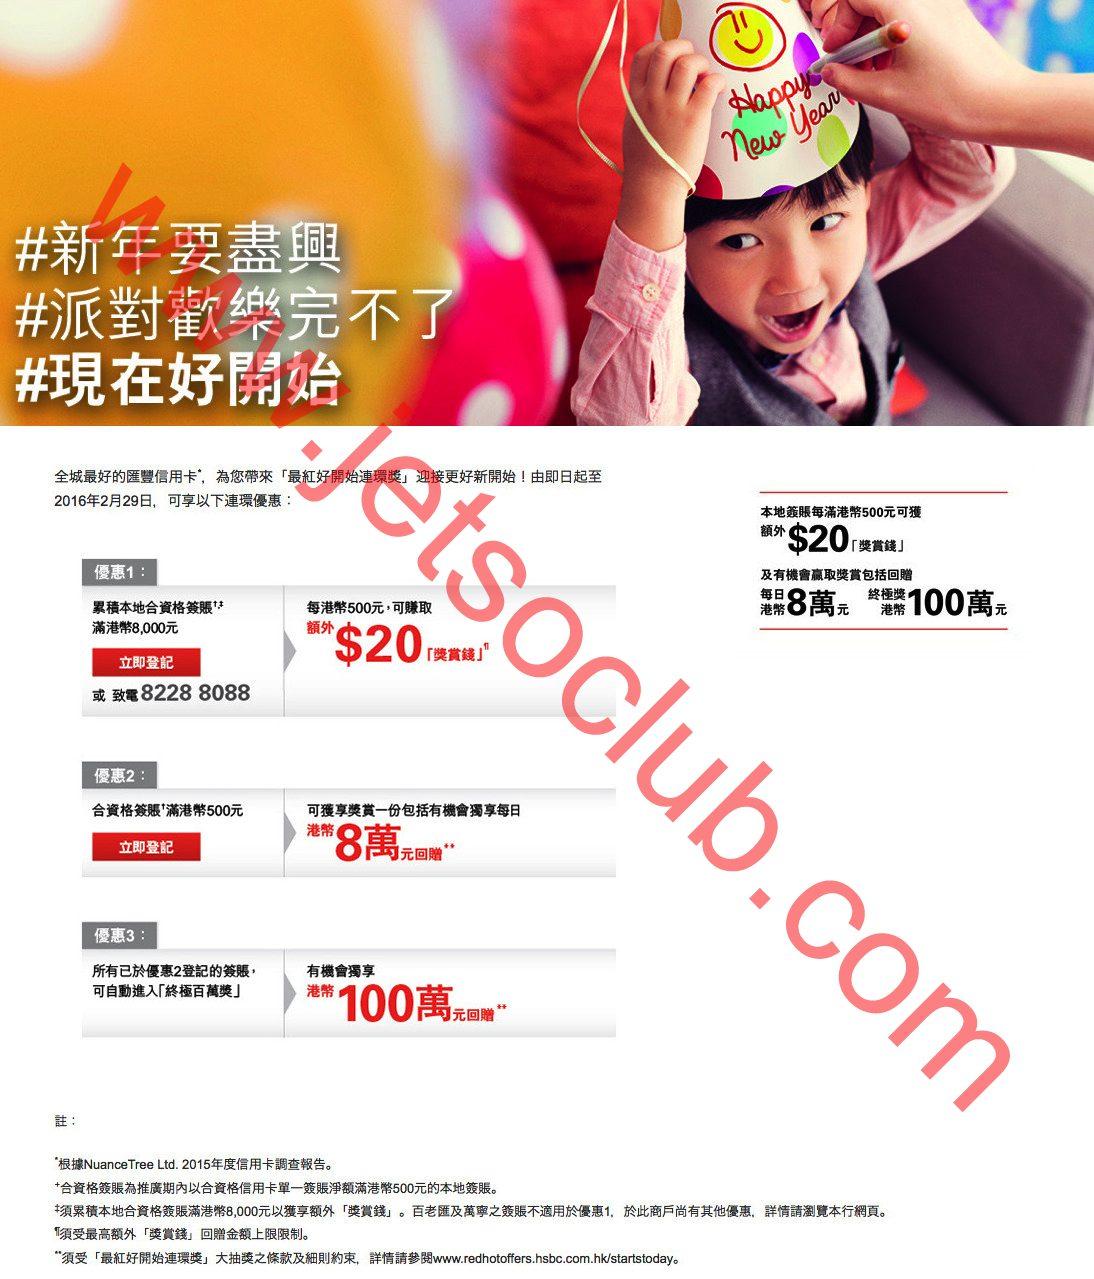 匯豐信用卡:最紅好開始連環獎 額外$20「獎賞錢」及贏$100萬元回贈(至29/2) ( Jetso Club 著數俱樂部 )